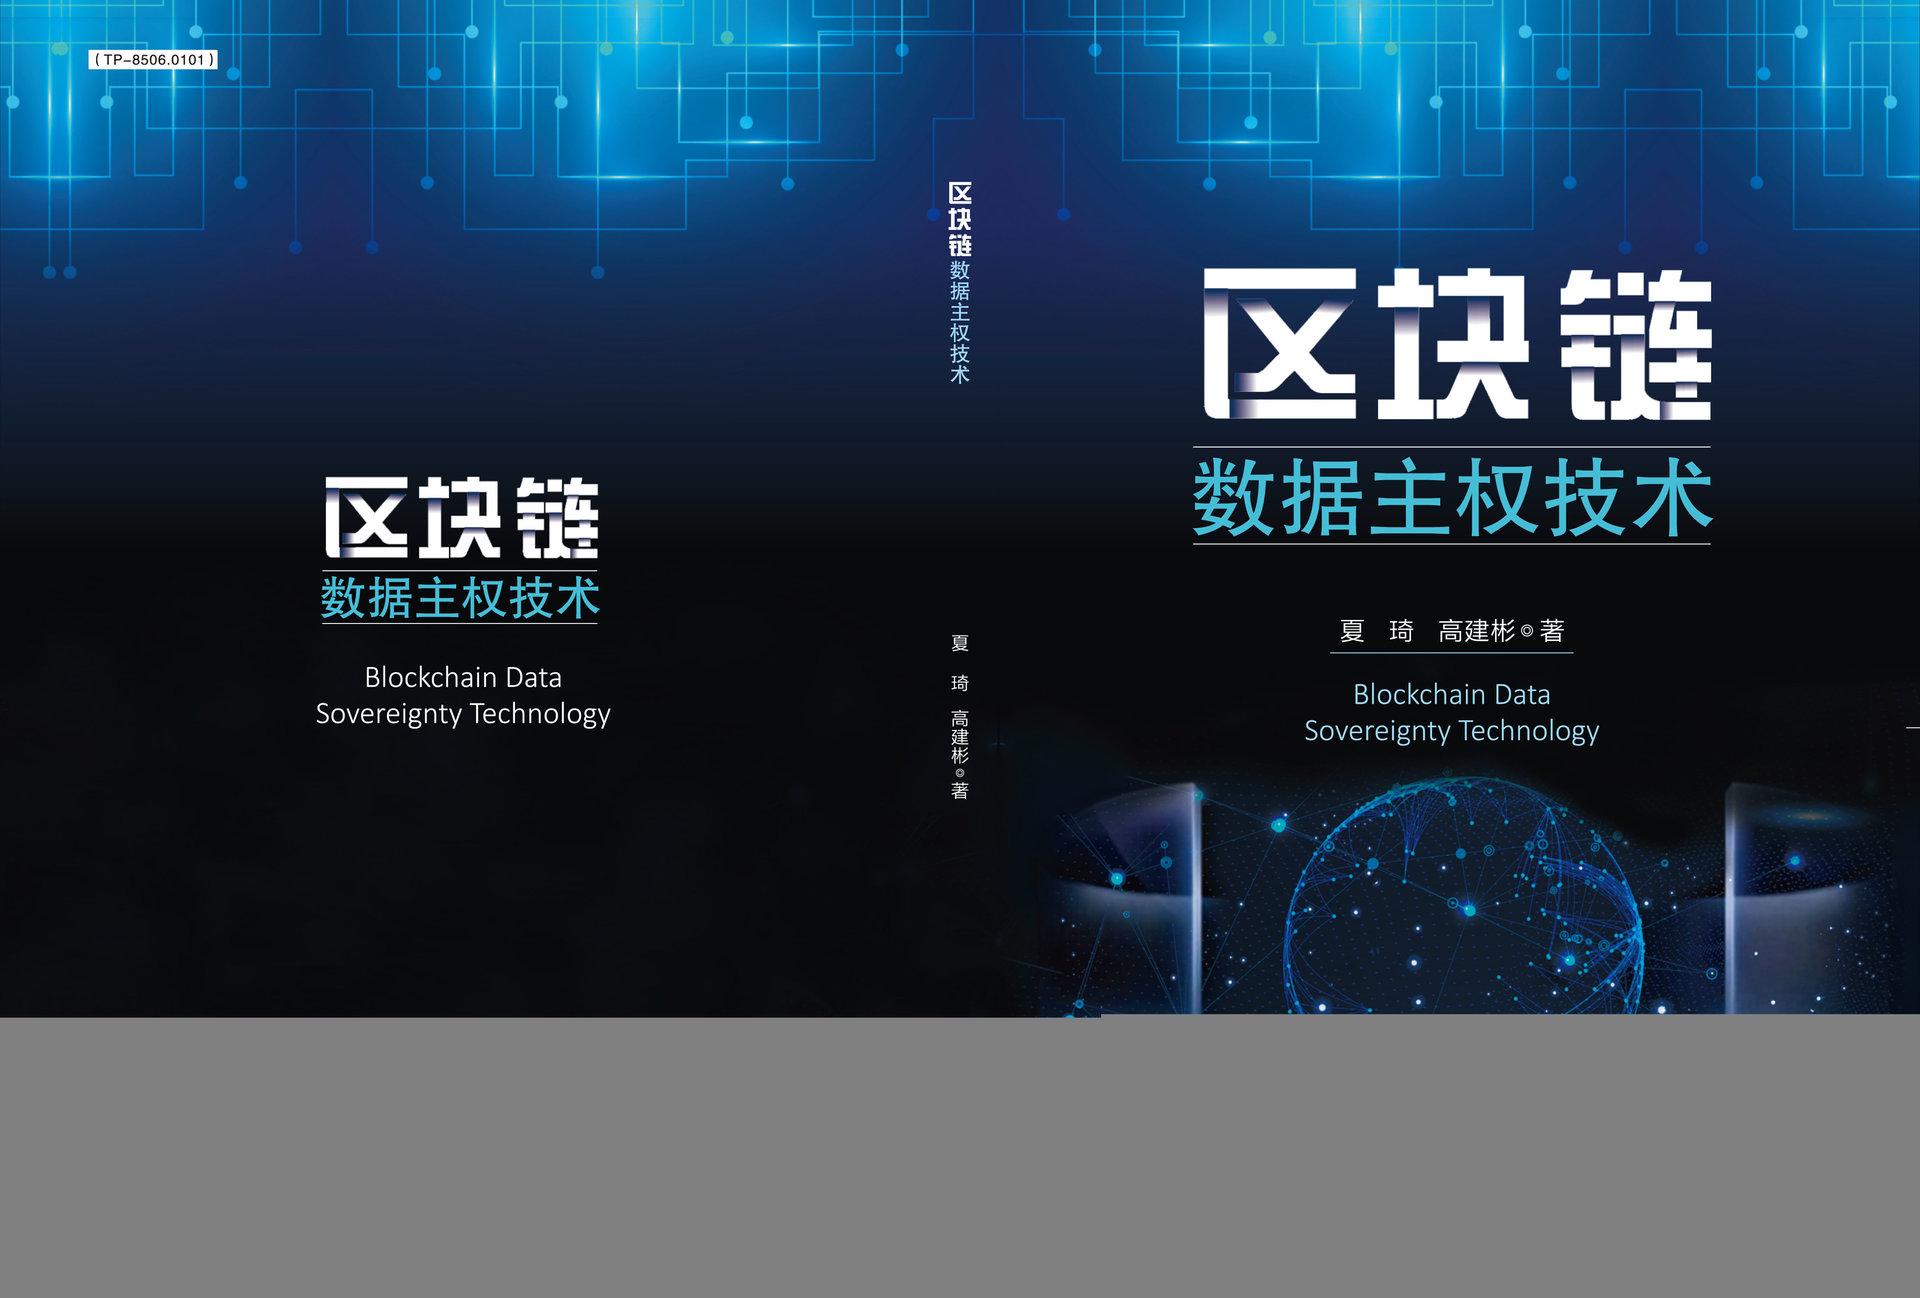 區塊鏈數據主權技術-preview-1